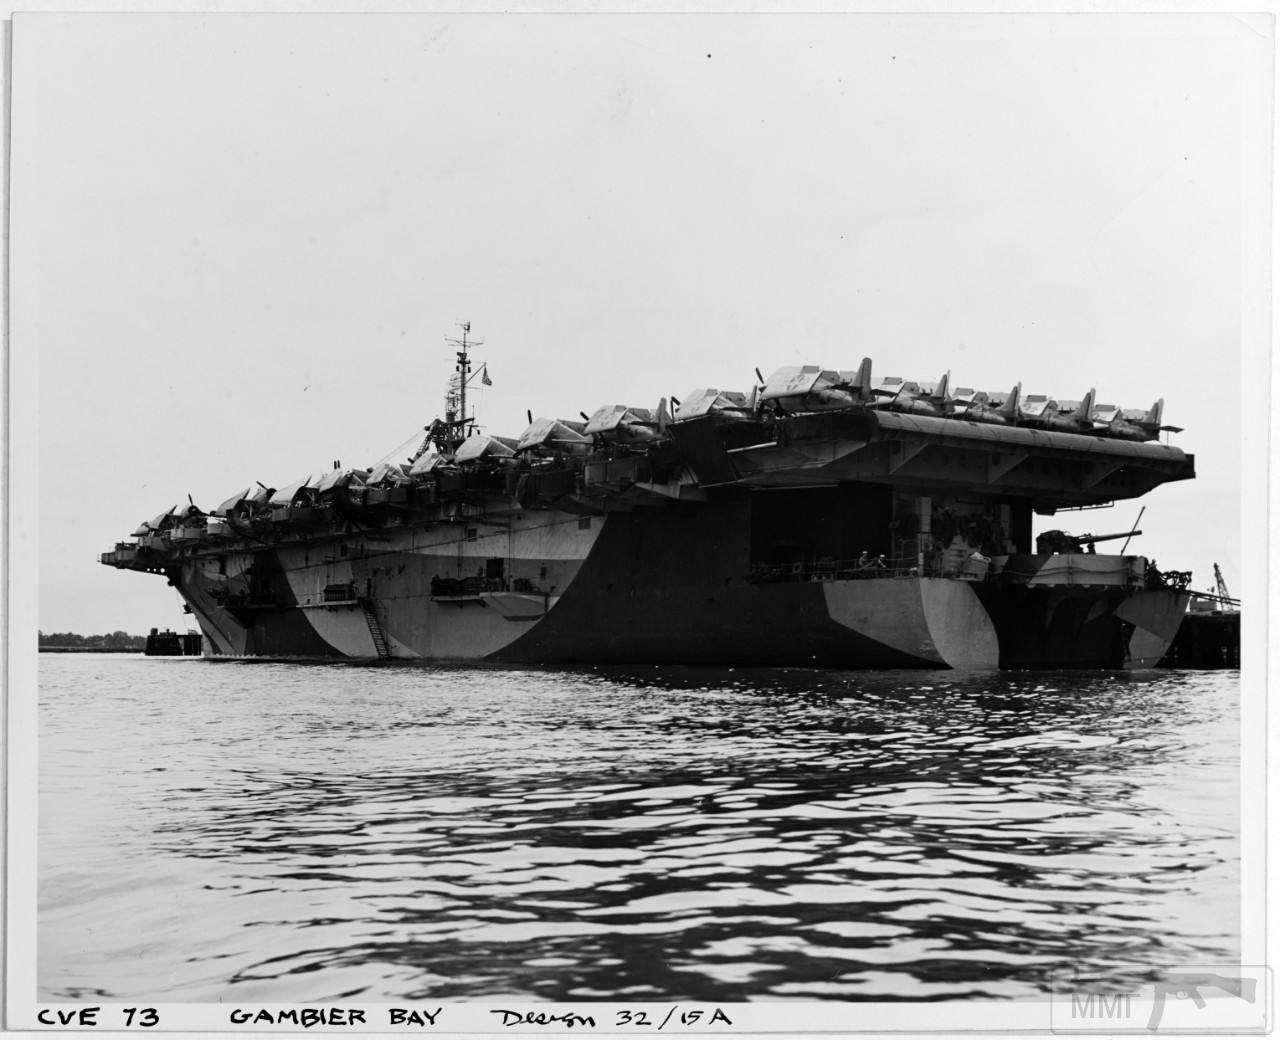 36046 - USS Gambier Bay (CVE-73)